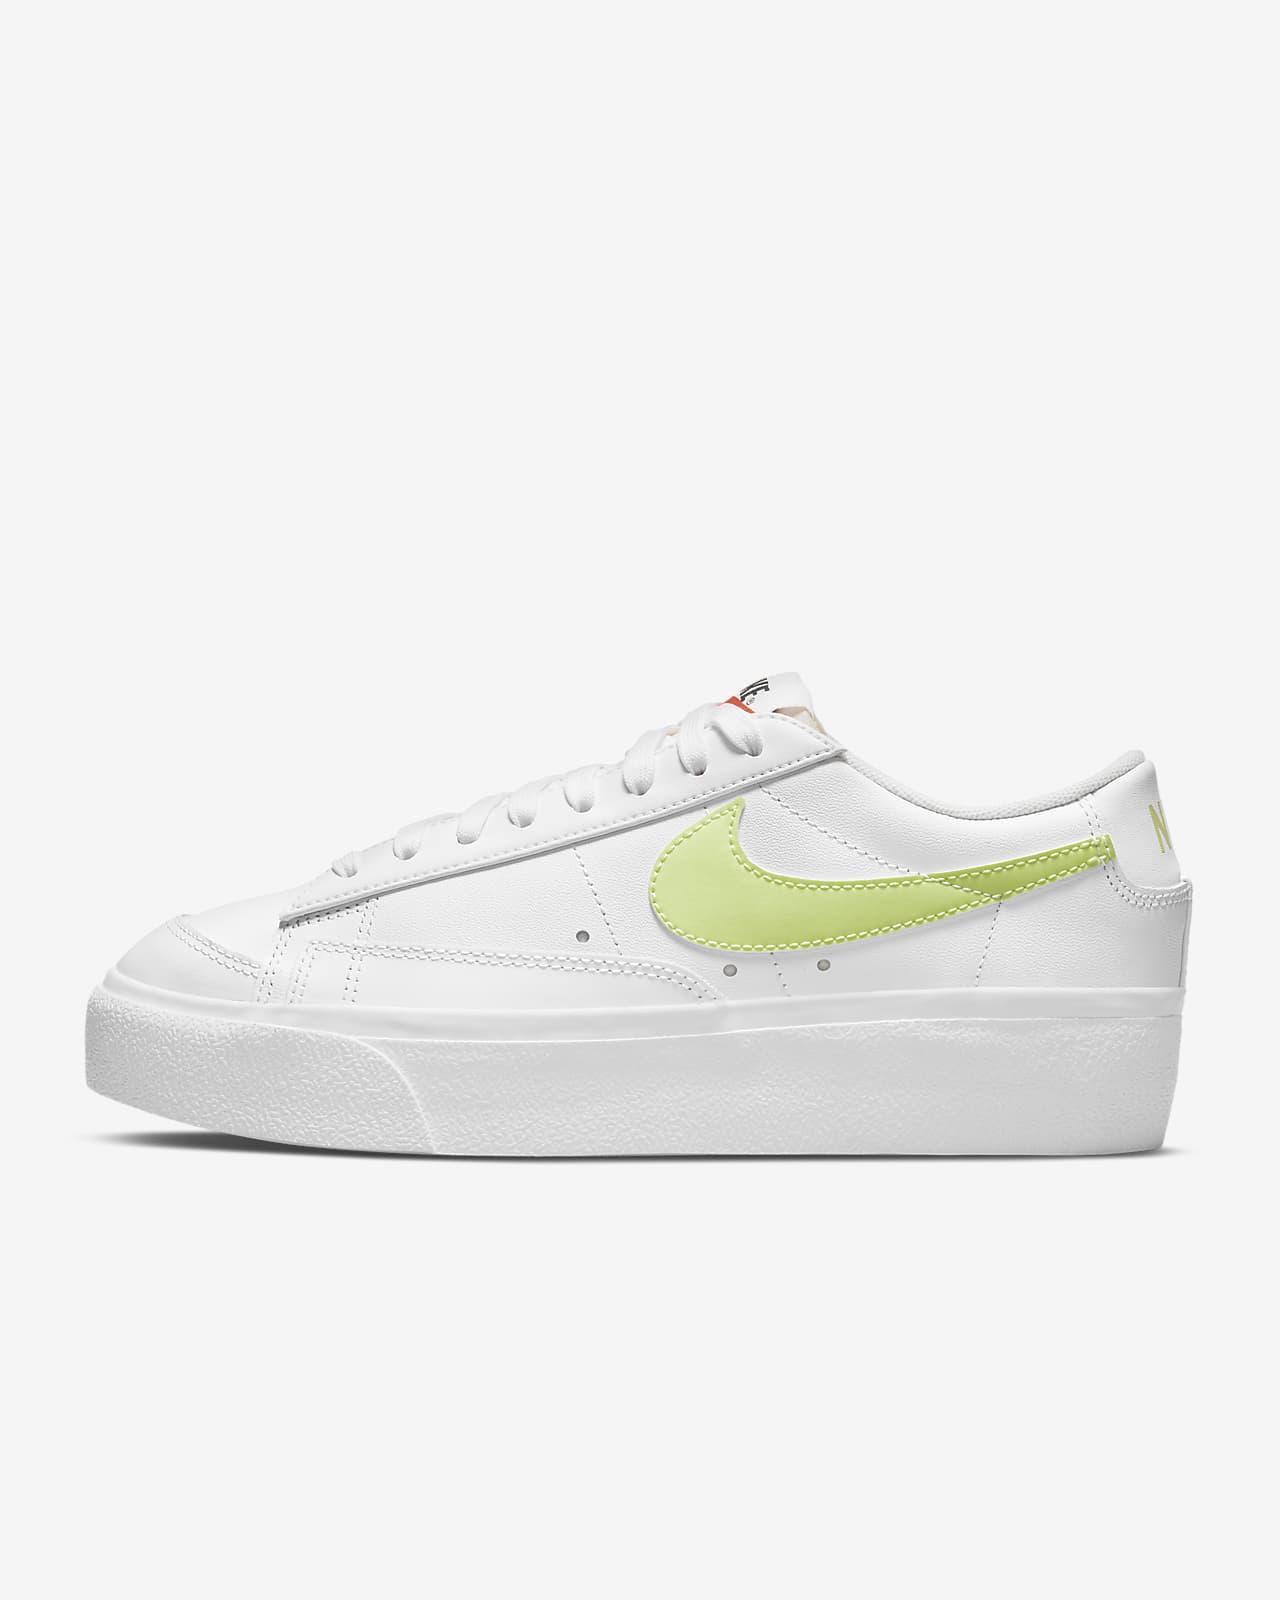 Nike Blazer Low Platform 女子运动鞋